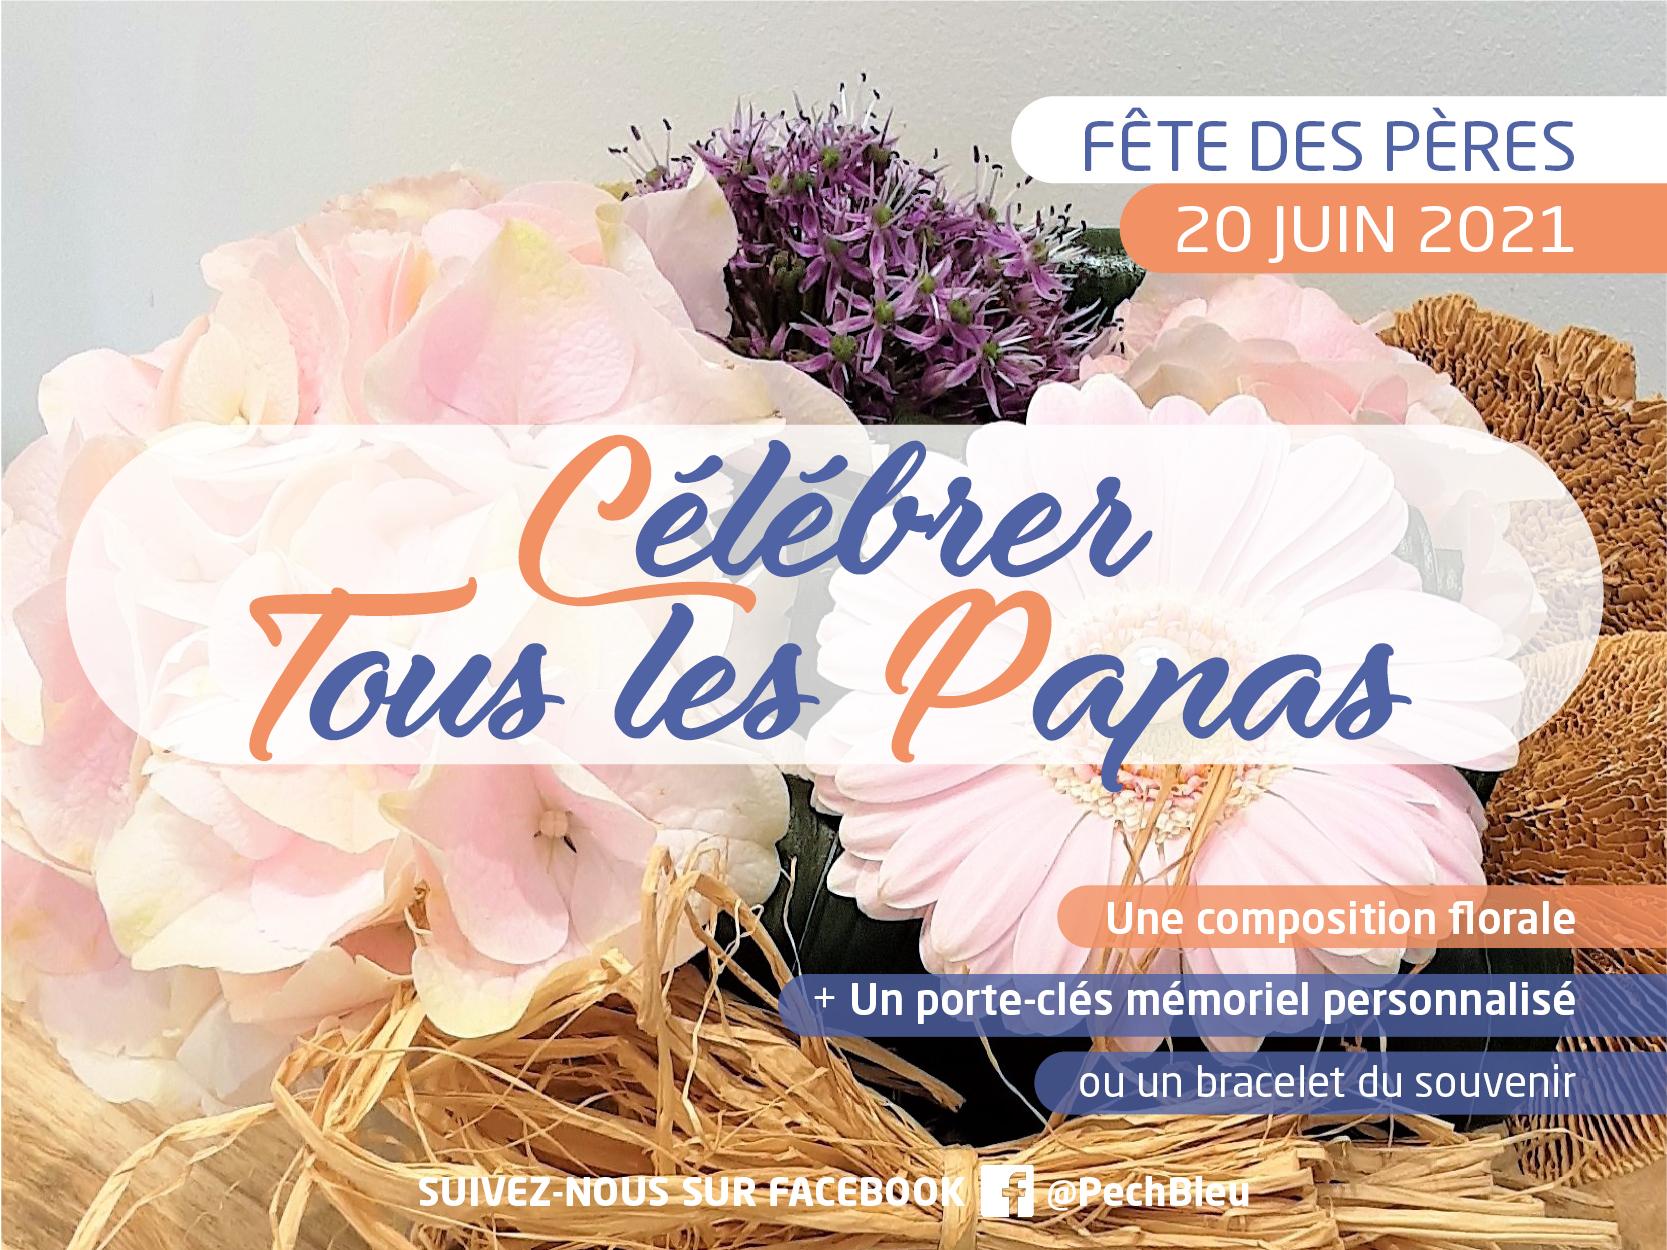 Pour la fête des pères 2021 : pensez à offrir des fleurs en souvenir. Plus d'infos boutique Pech Bleu.